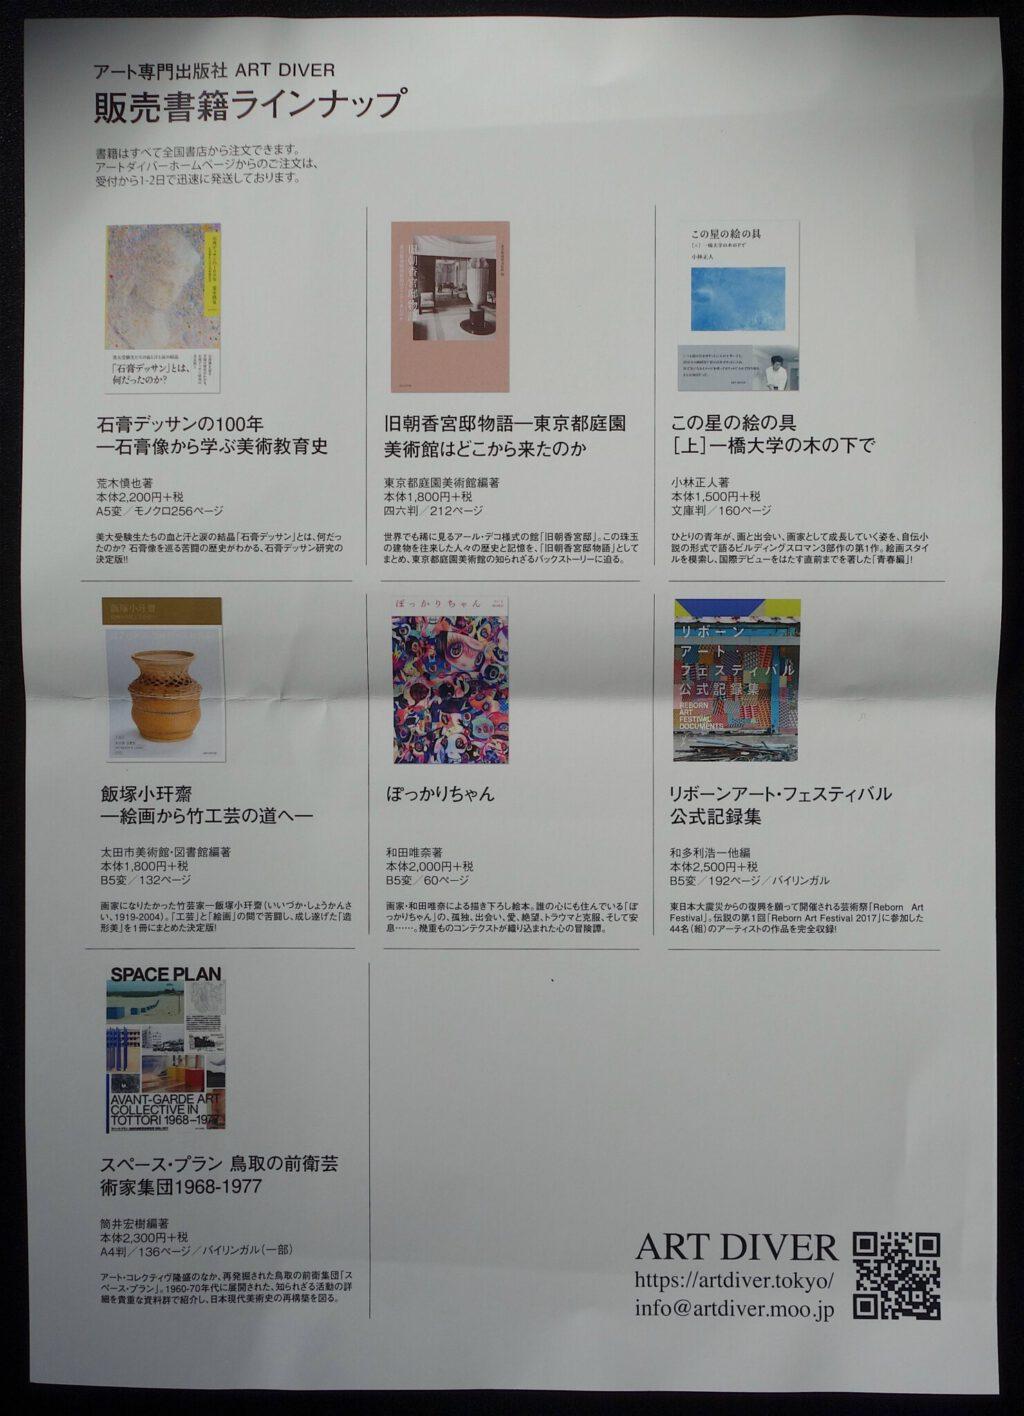 アートダイバーから出版されている本のリスト2